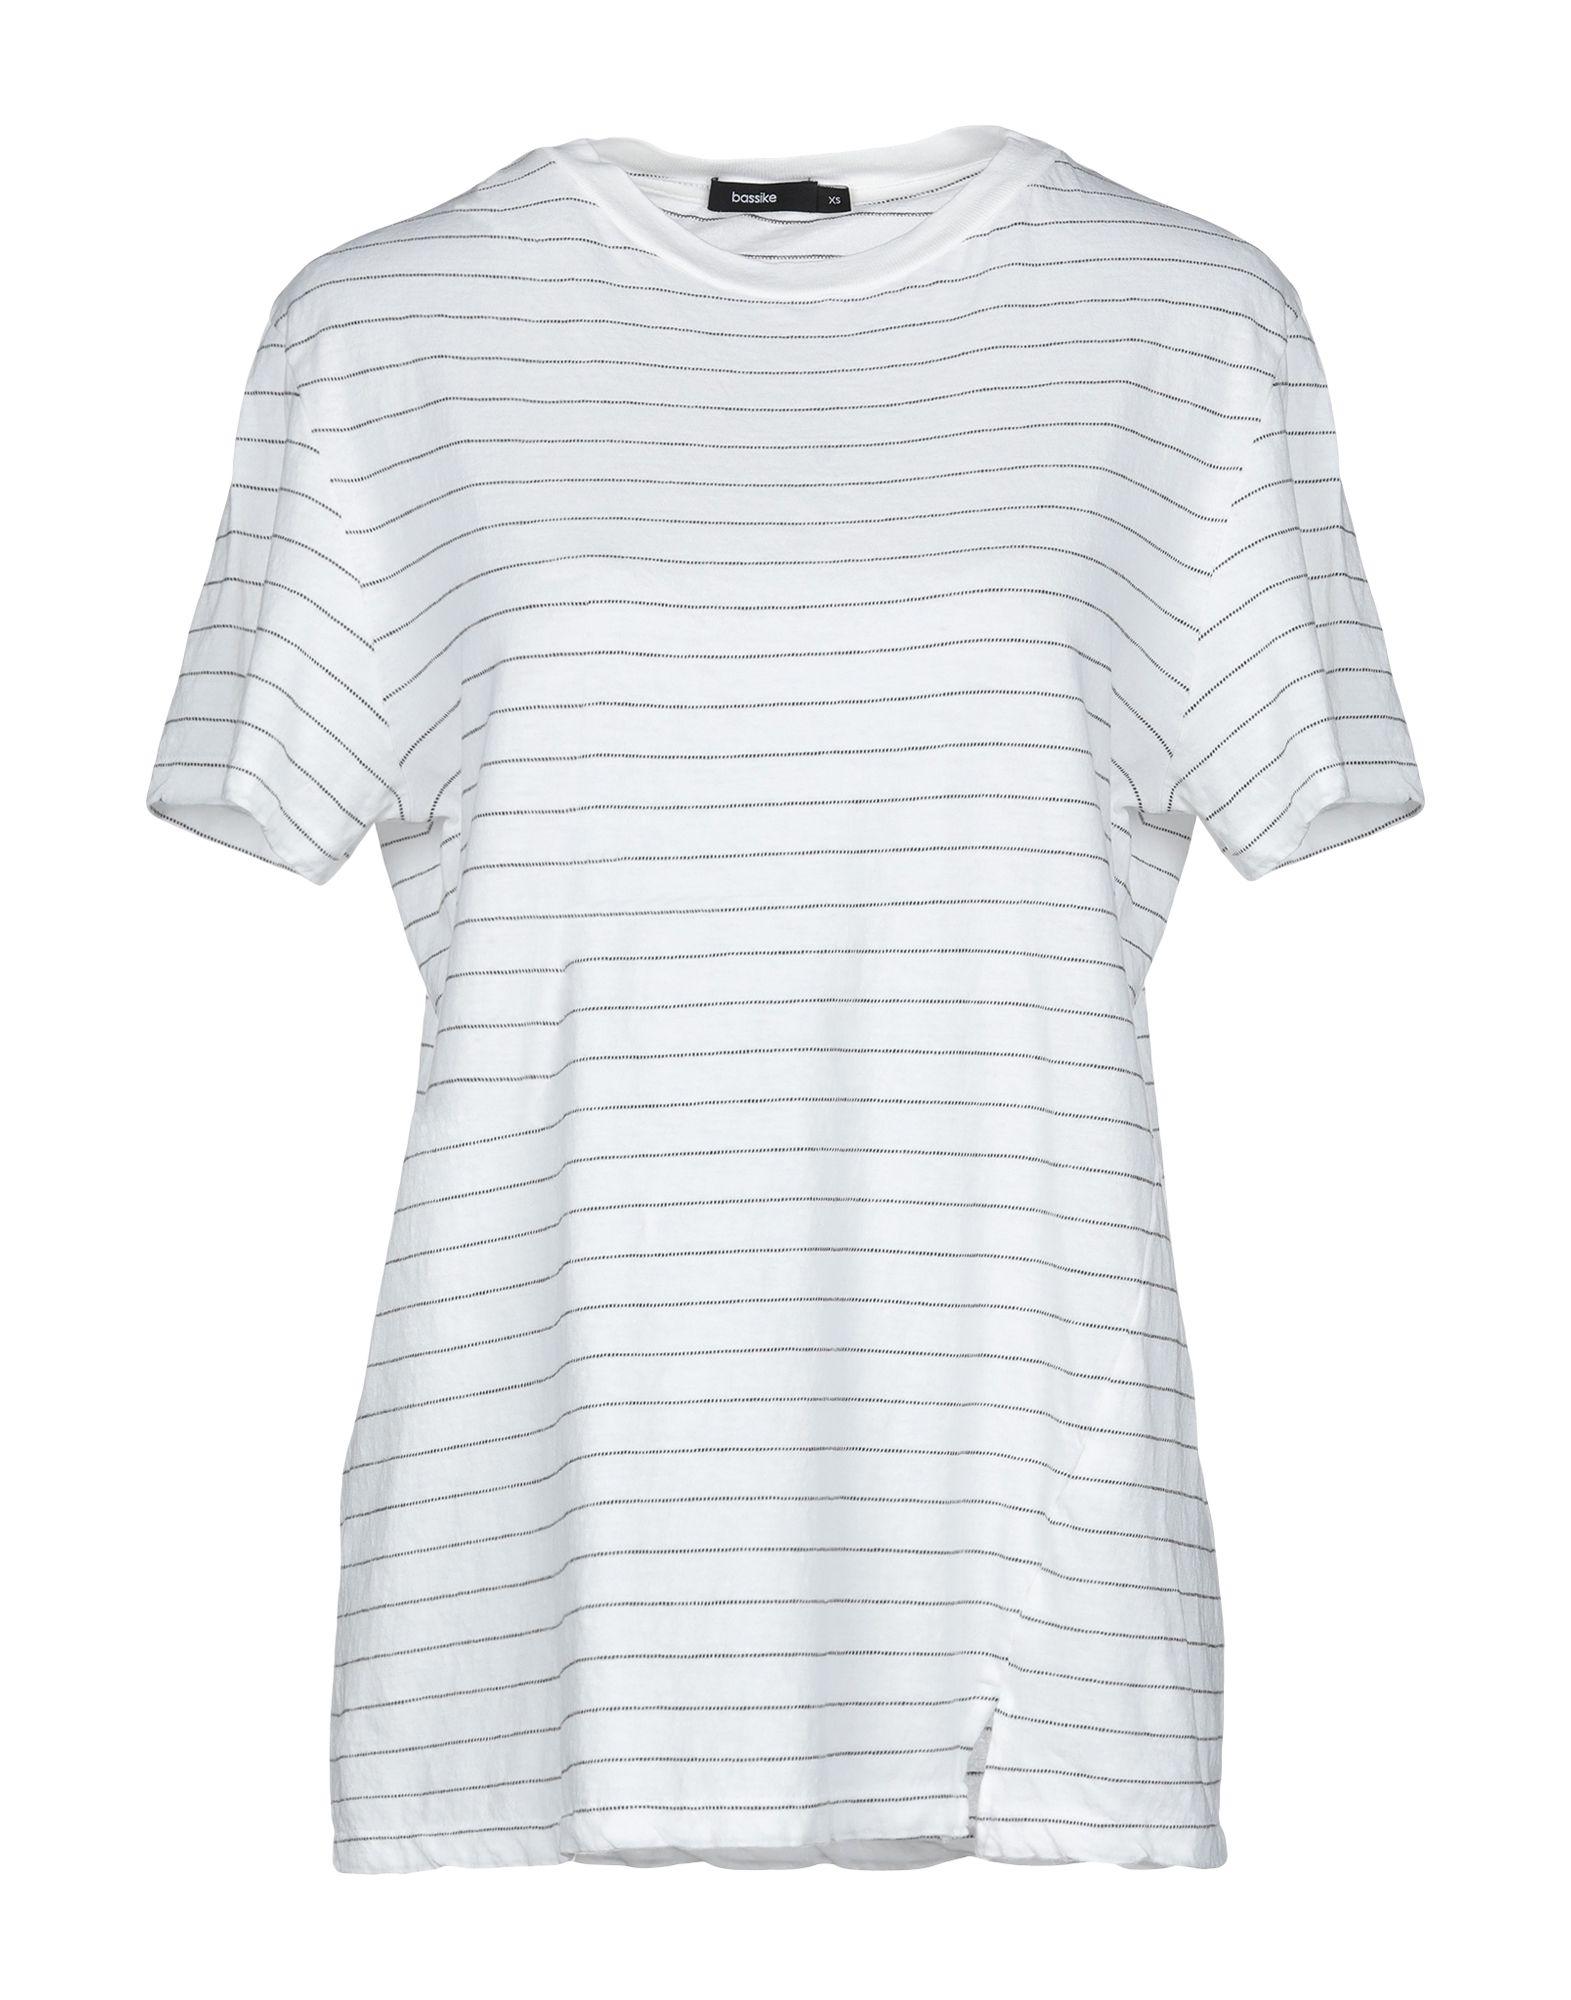 《送料無料》BASSIKE レディース T シャツ ホワイト XS オーガニックコットン 100%